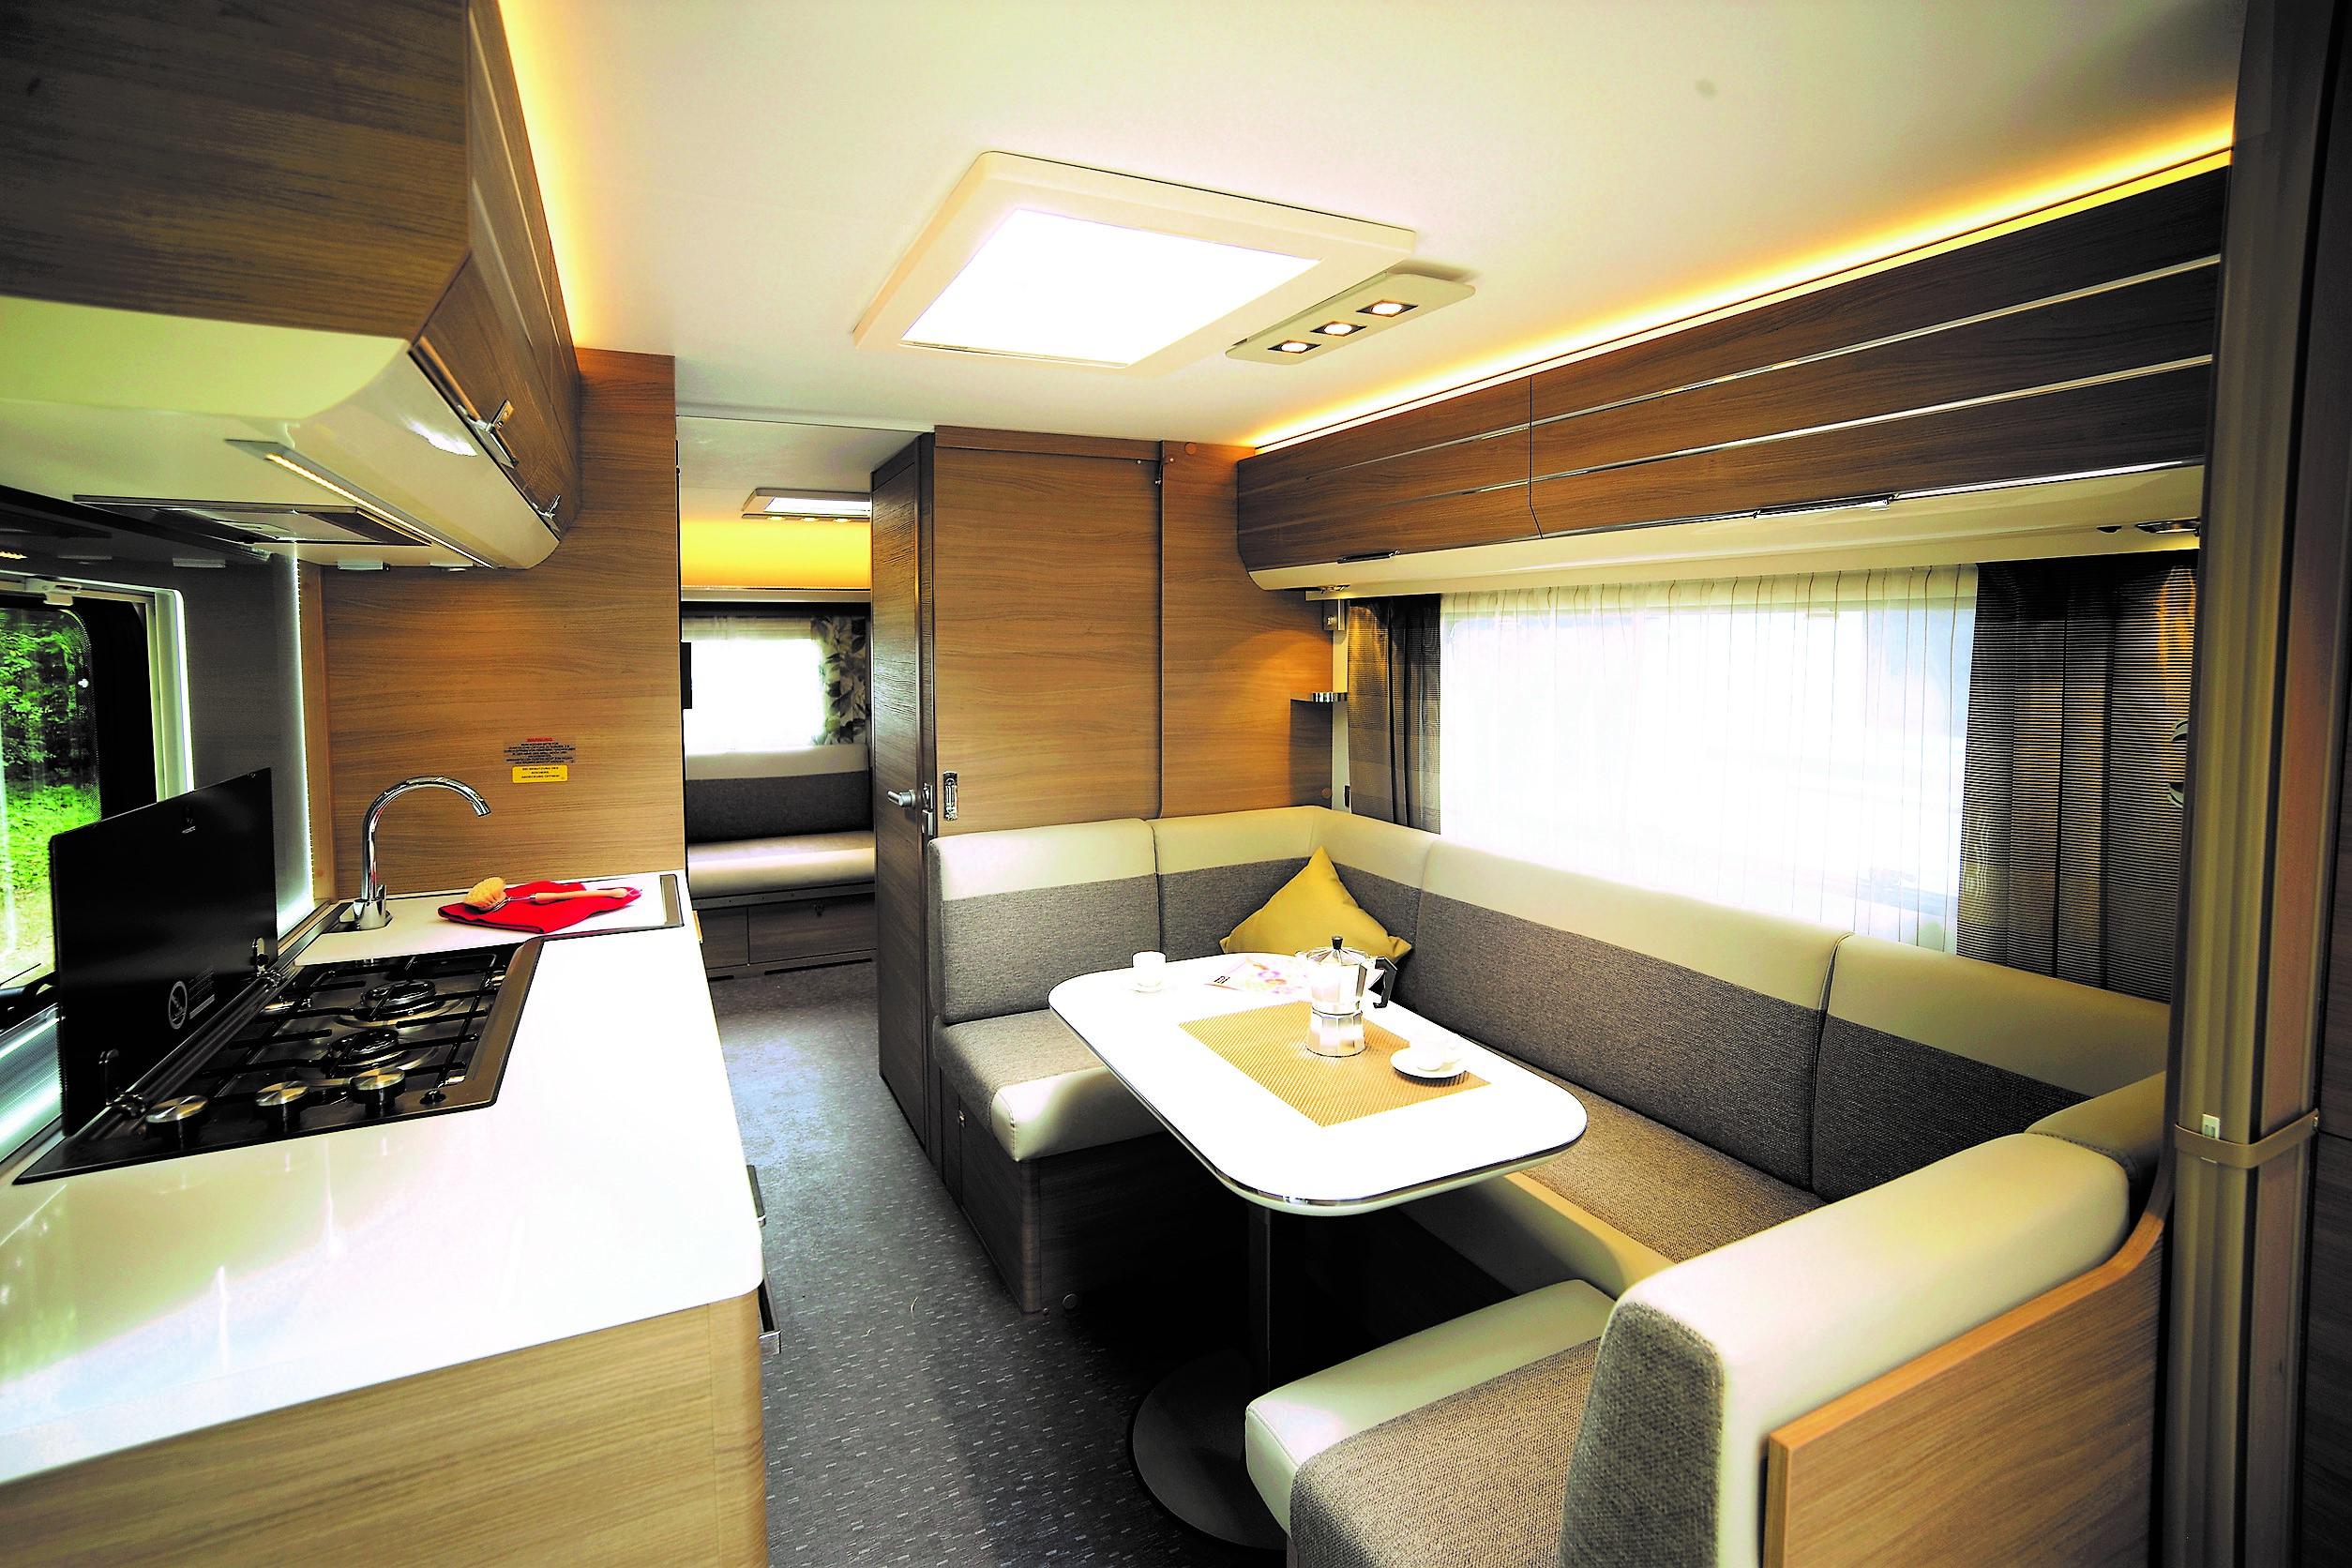 Wohnwagen Mit Etagenbett Test : Zwei eingänge für wohnwagen adora 673 pk u2013 die testfahrer automagazin